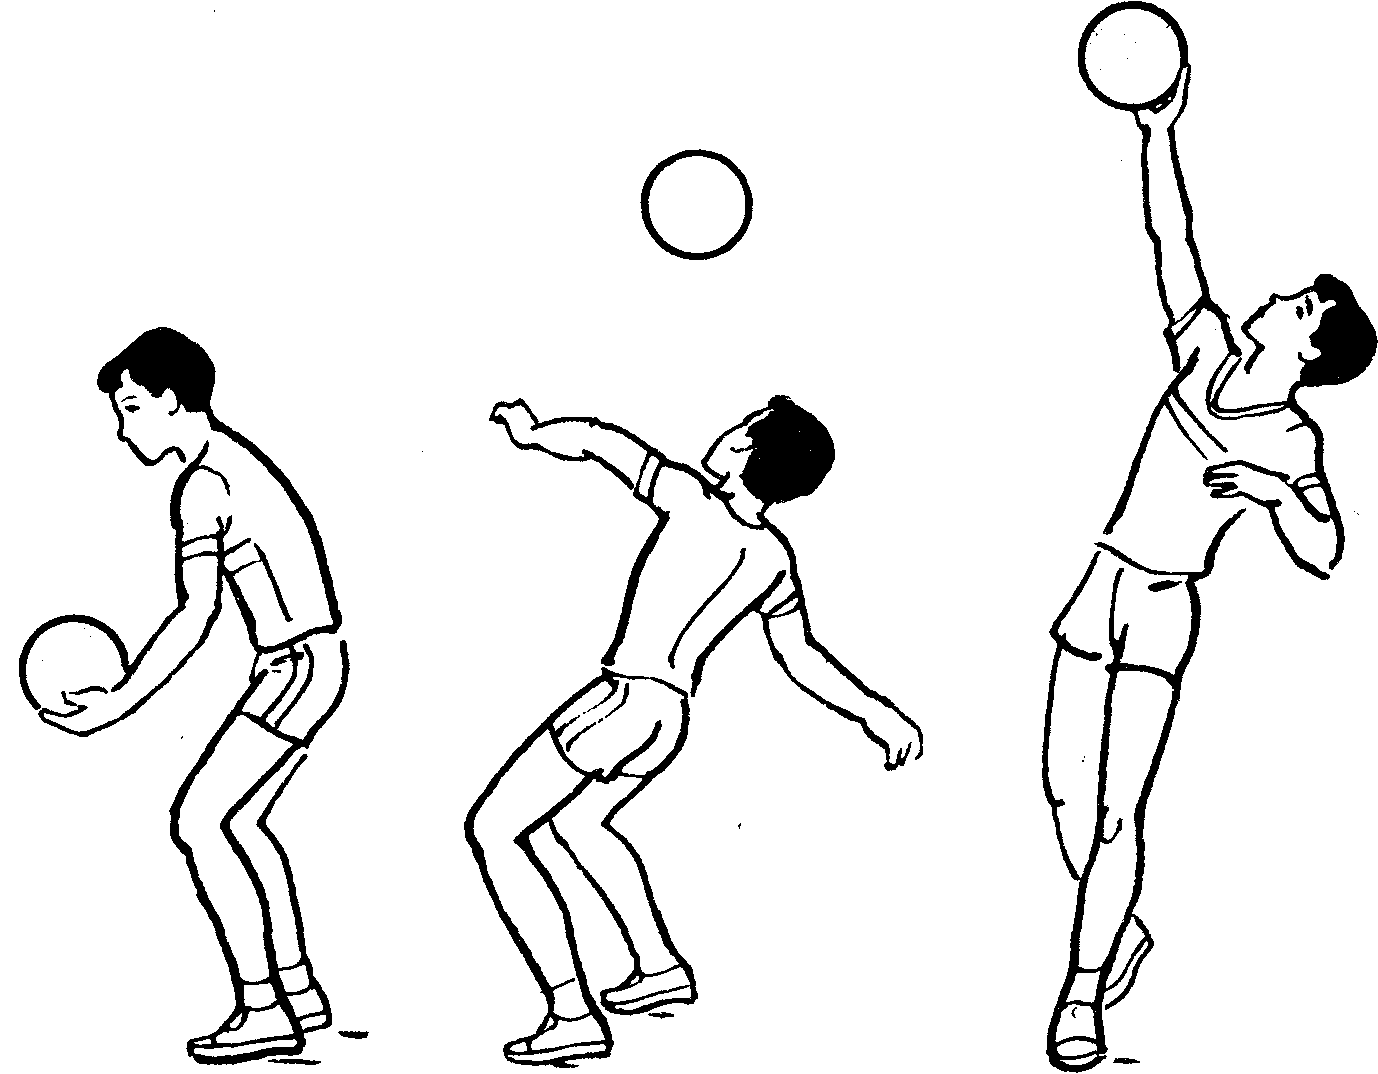 верхняя передача мяча в картинках